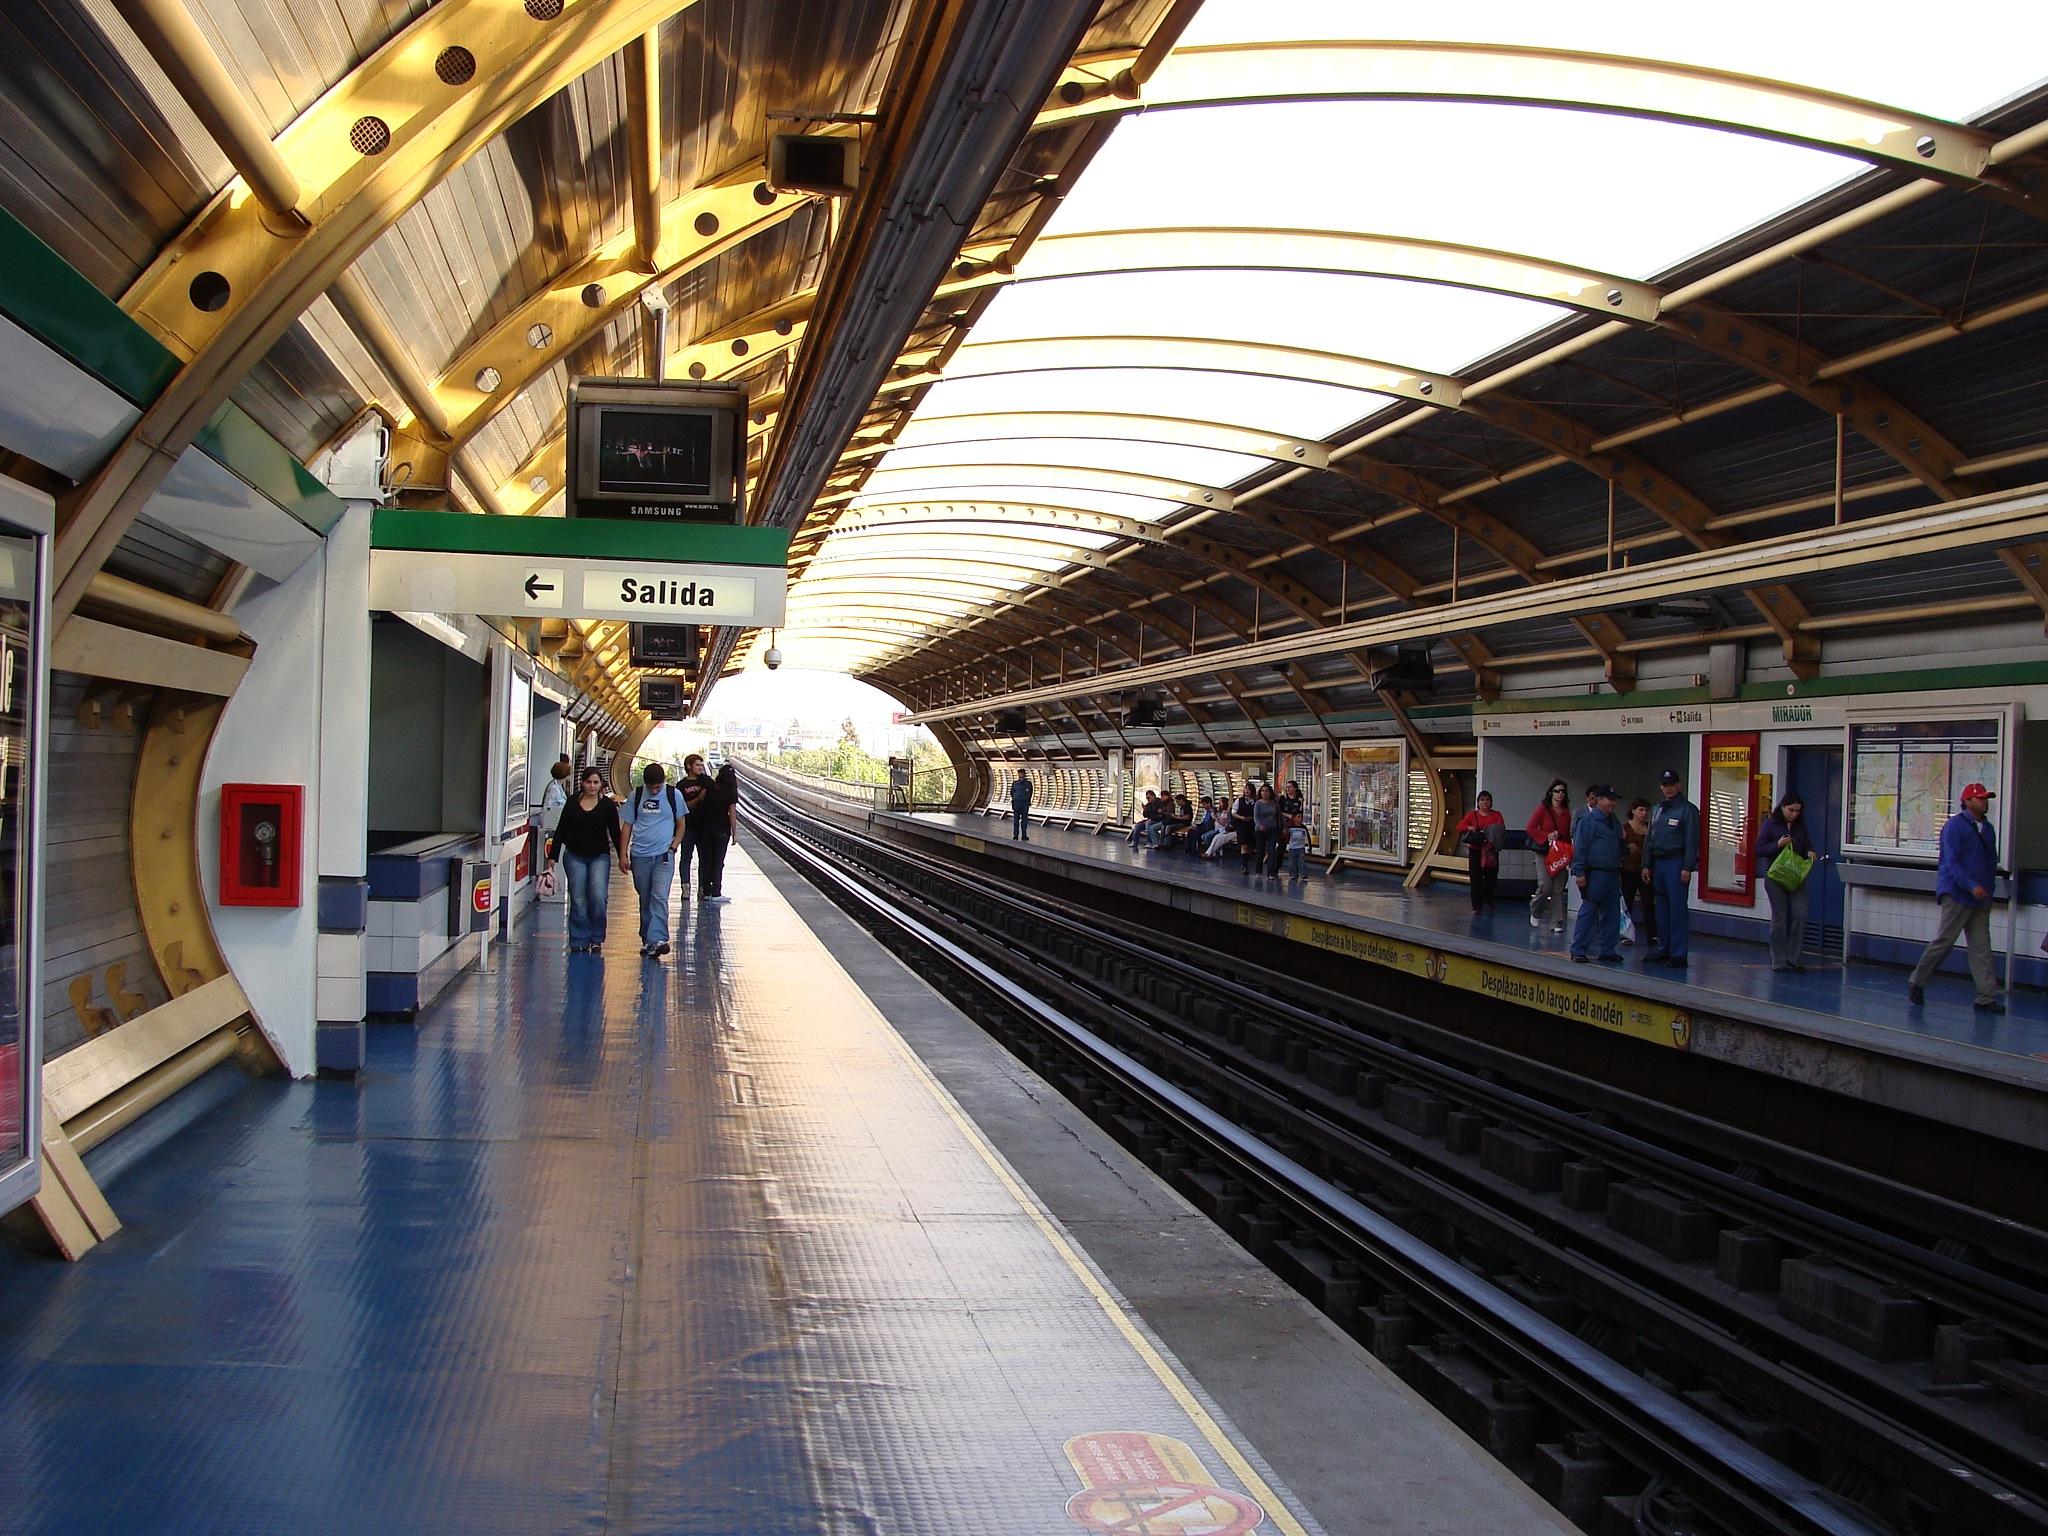 (0835) Estación Metro Mirador, Metro de santiago, Chile by Patricio Cabezas